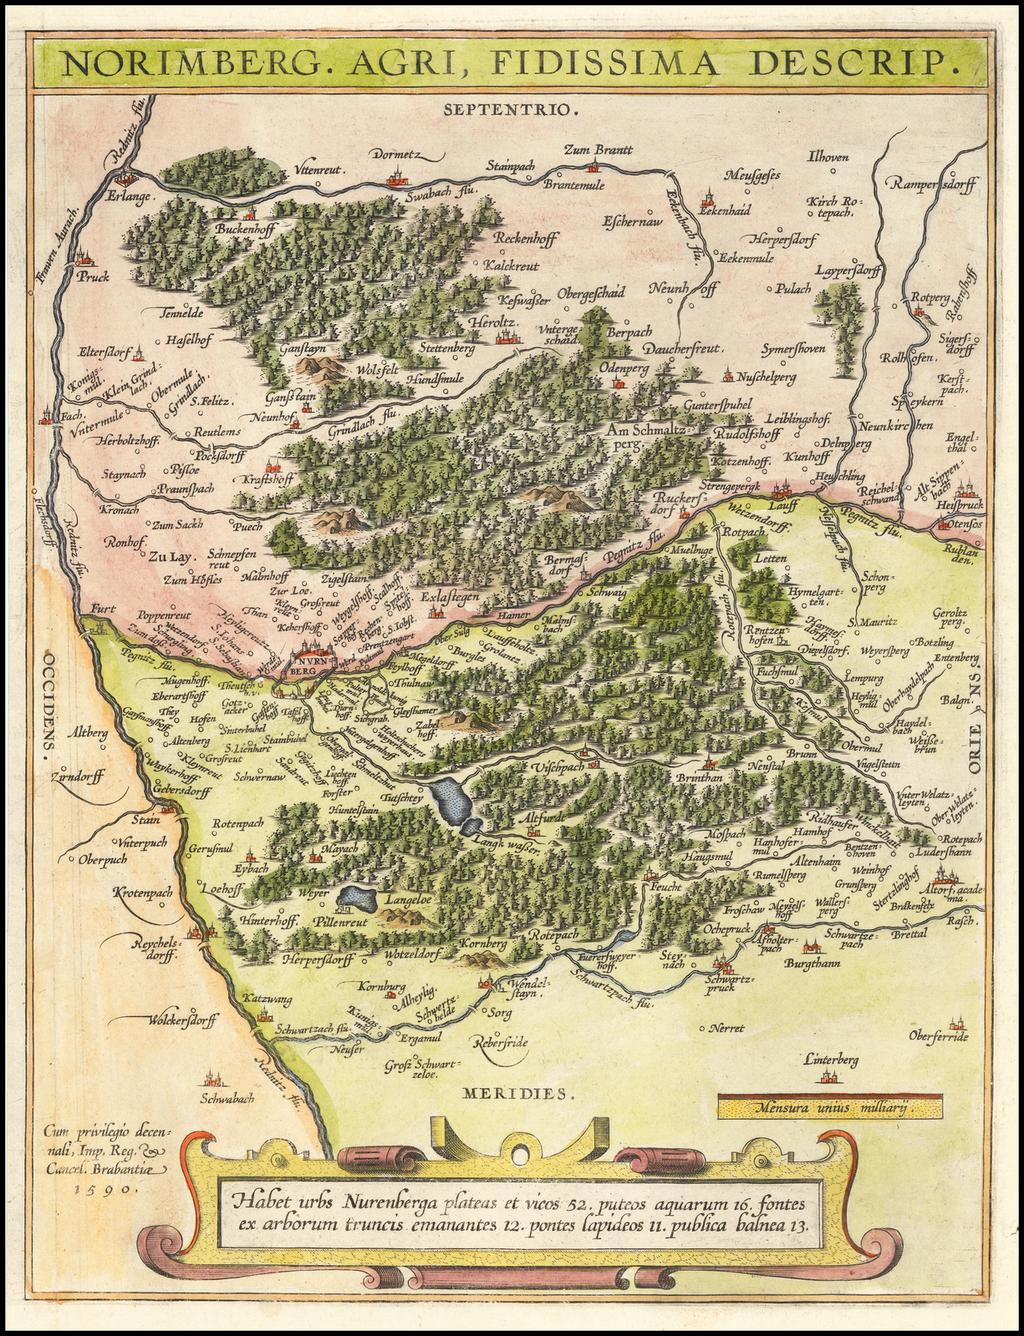 Norimberg Agri, Fidissima Descrip. By Abraham Ortelius